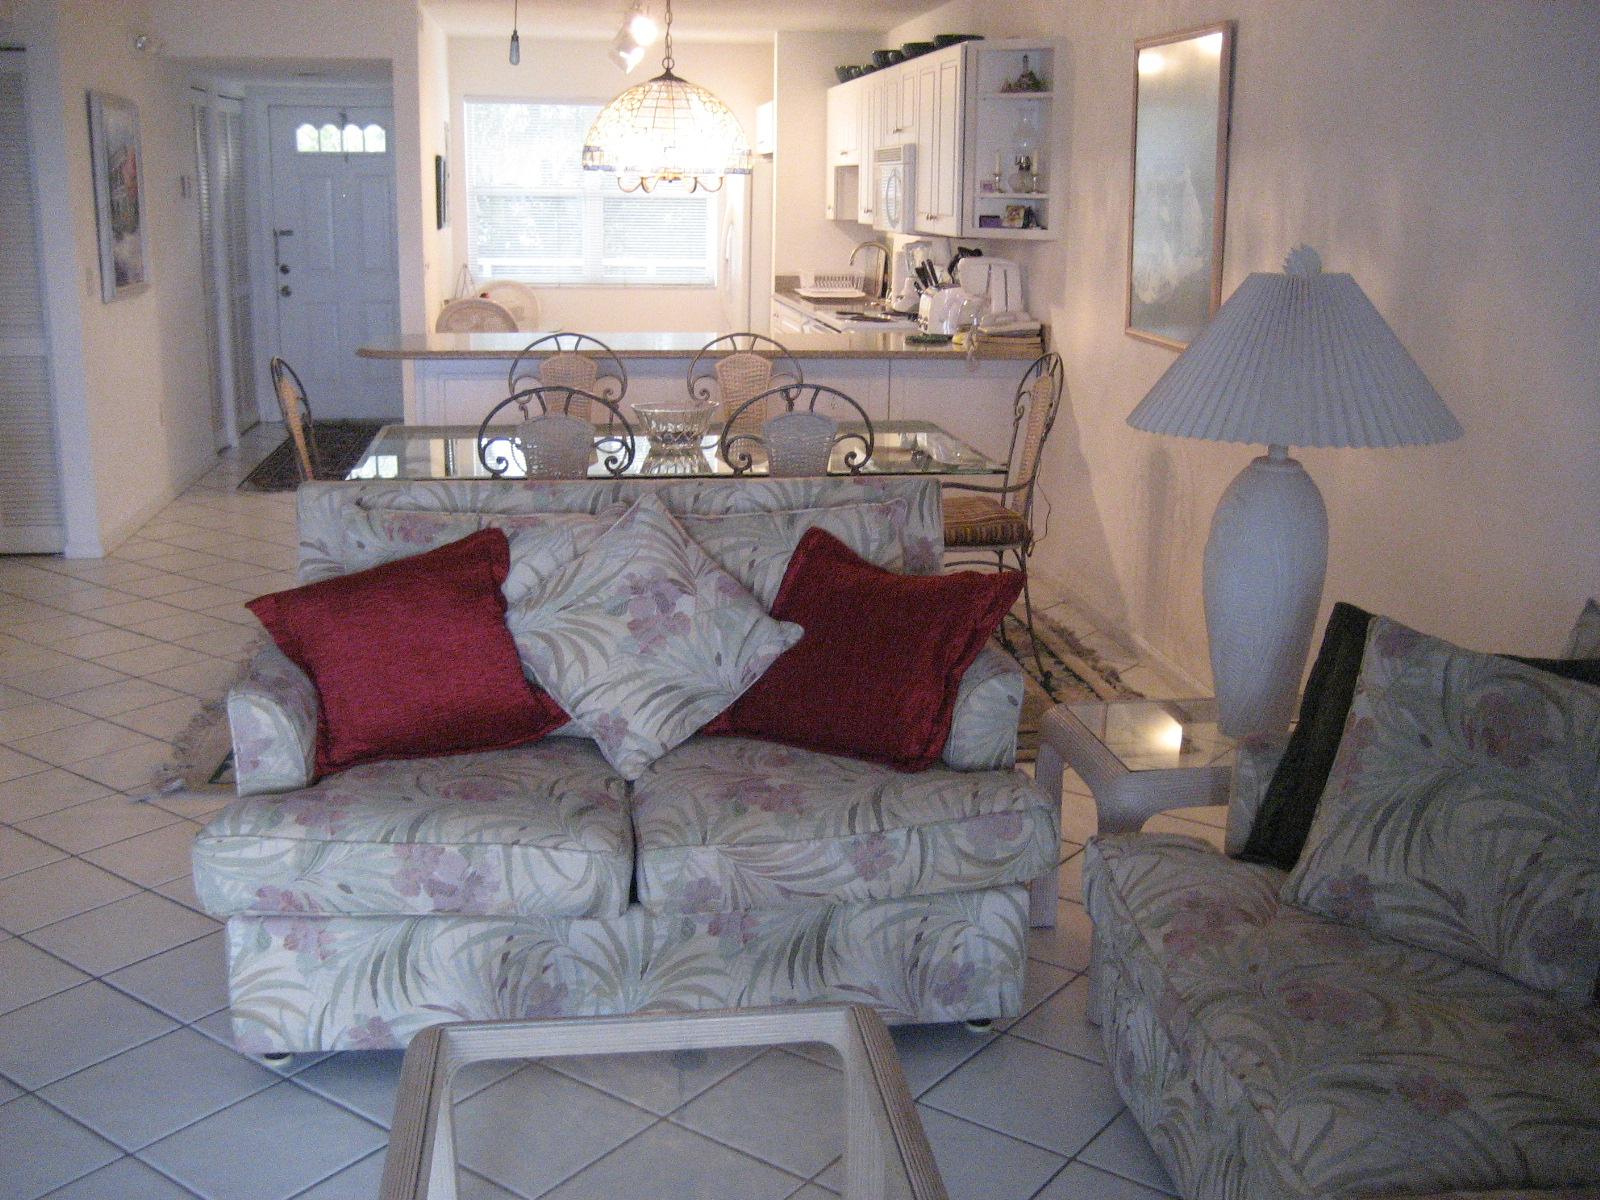 La Brisa Unit 301S Living Room Looking Into Unit